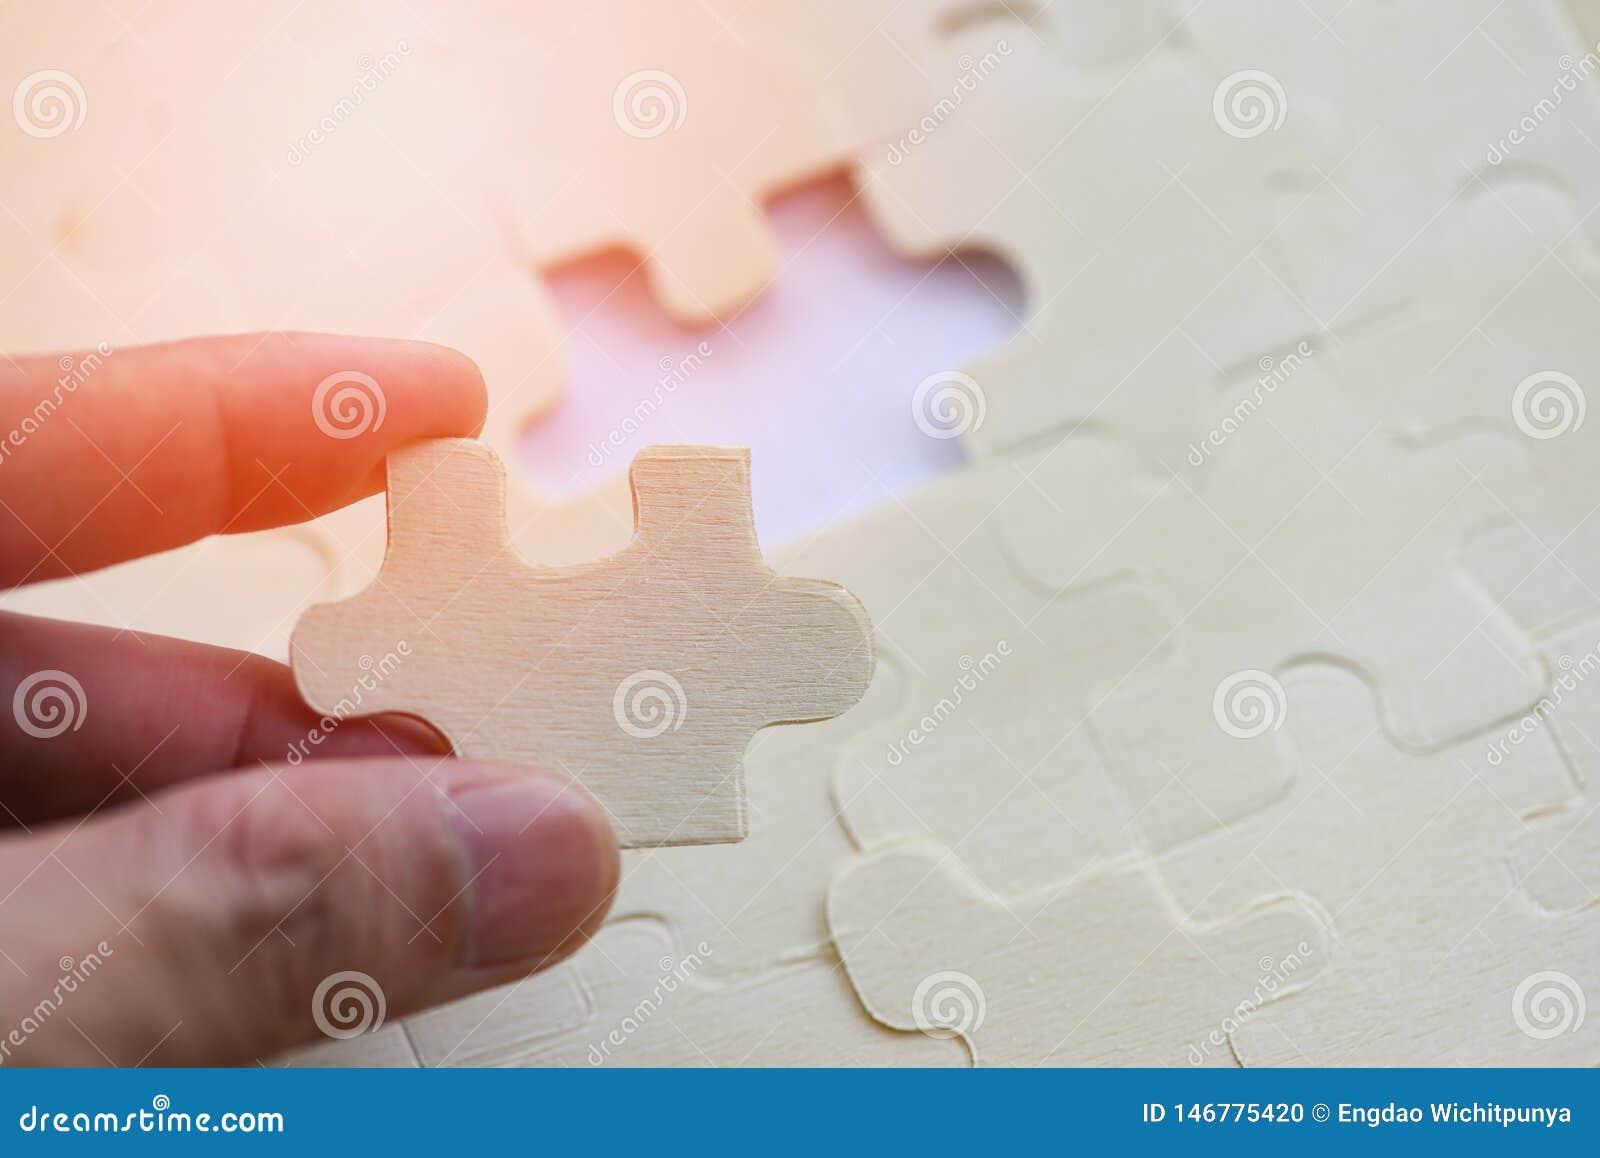 Mão que tenta conectar o enigma de serra de vaivém na conexão da parte da serra de vaivém do fundo